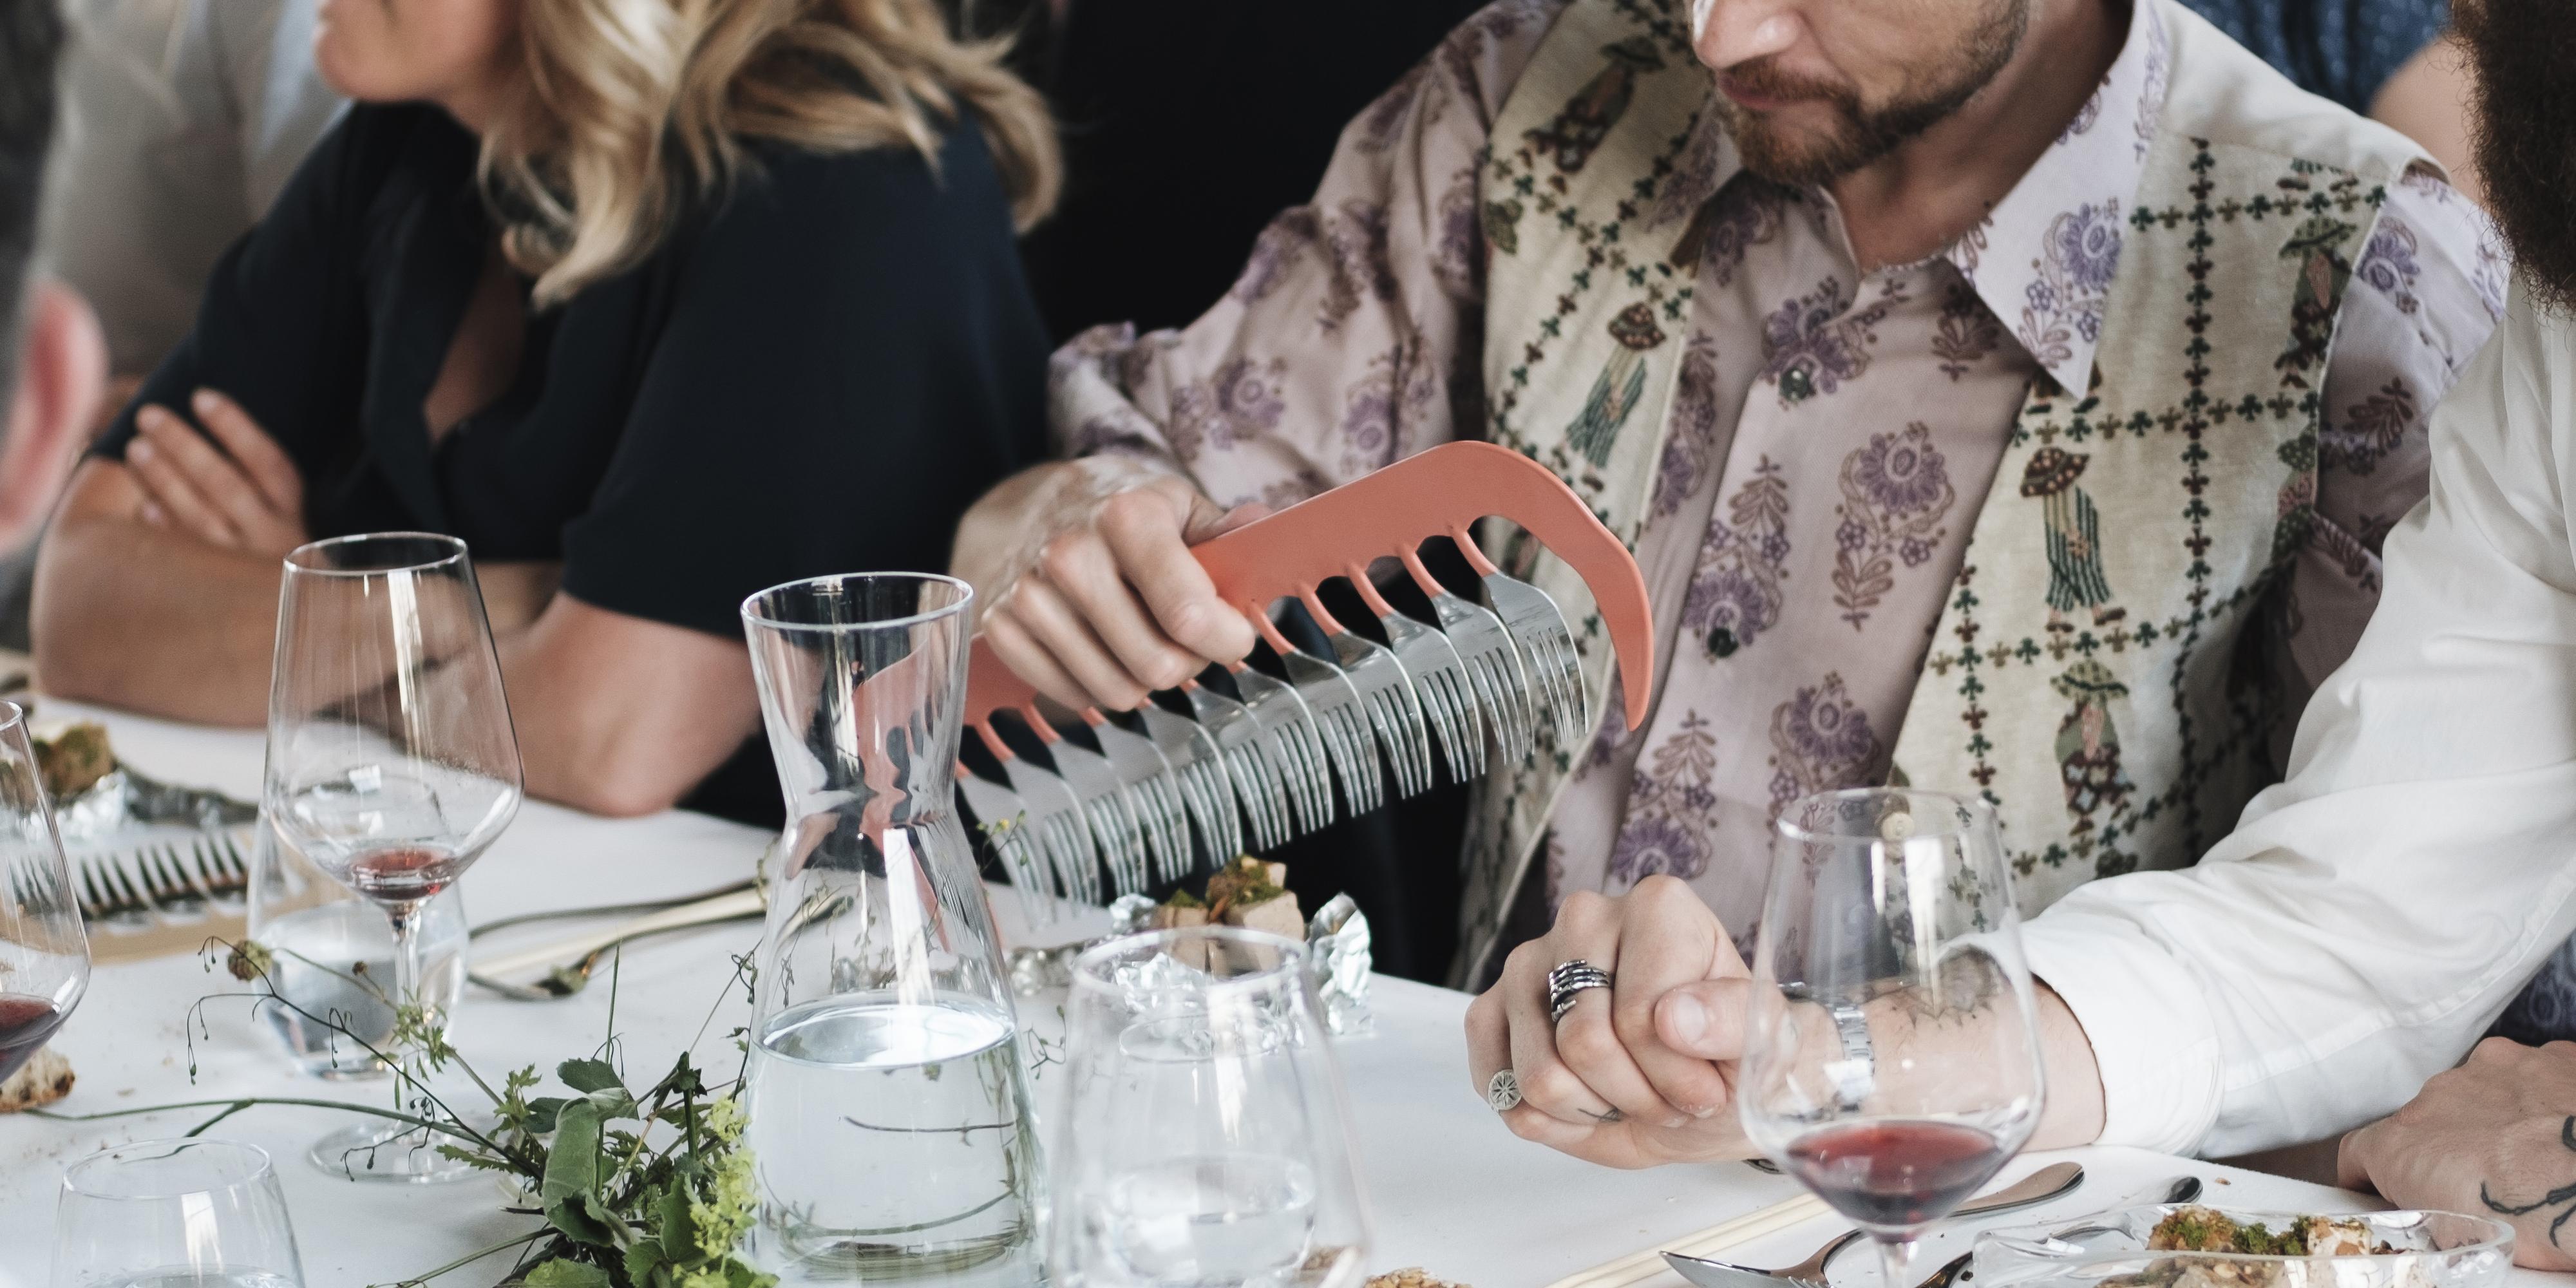 Rachael Colley_Cutlery comb at Steinbeisser, June 2019_image by Kathrin Koschitzki